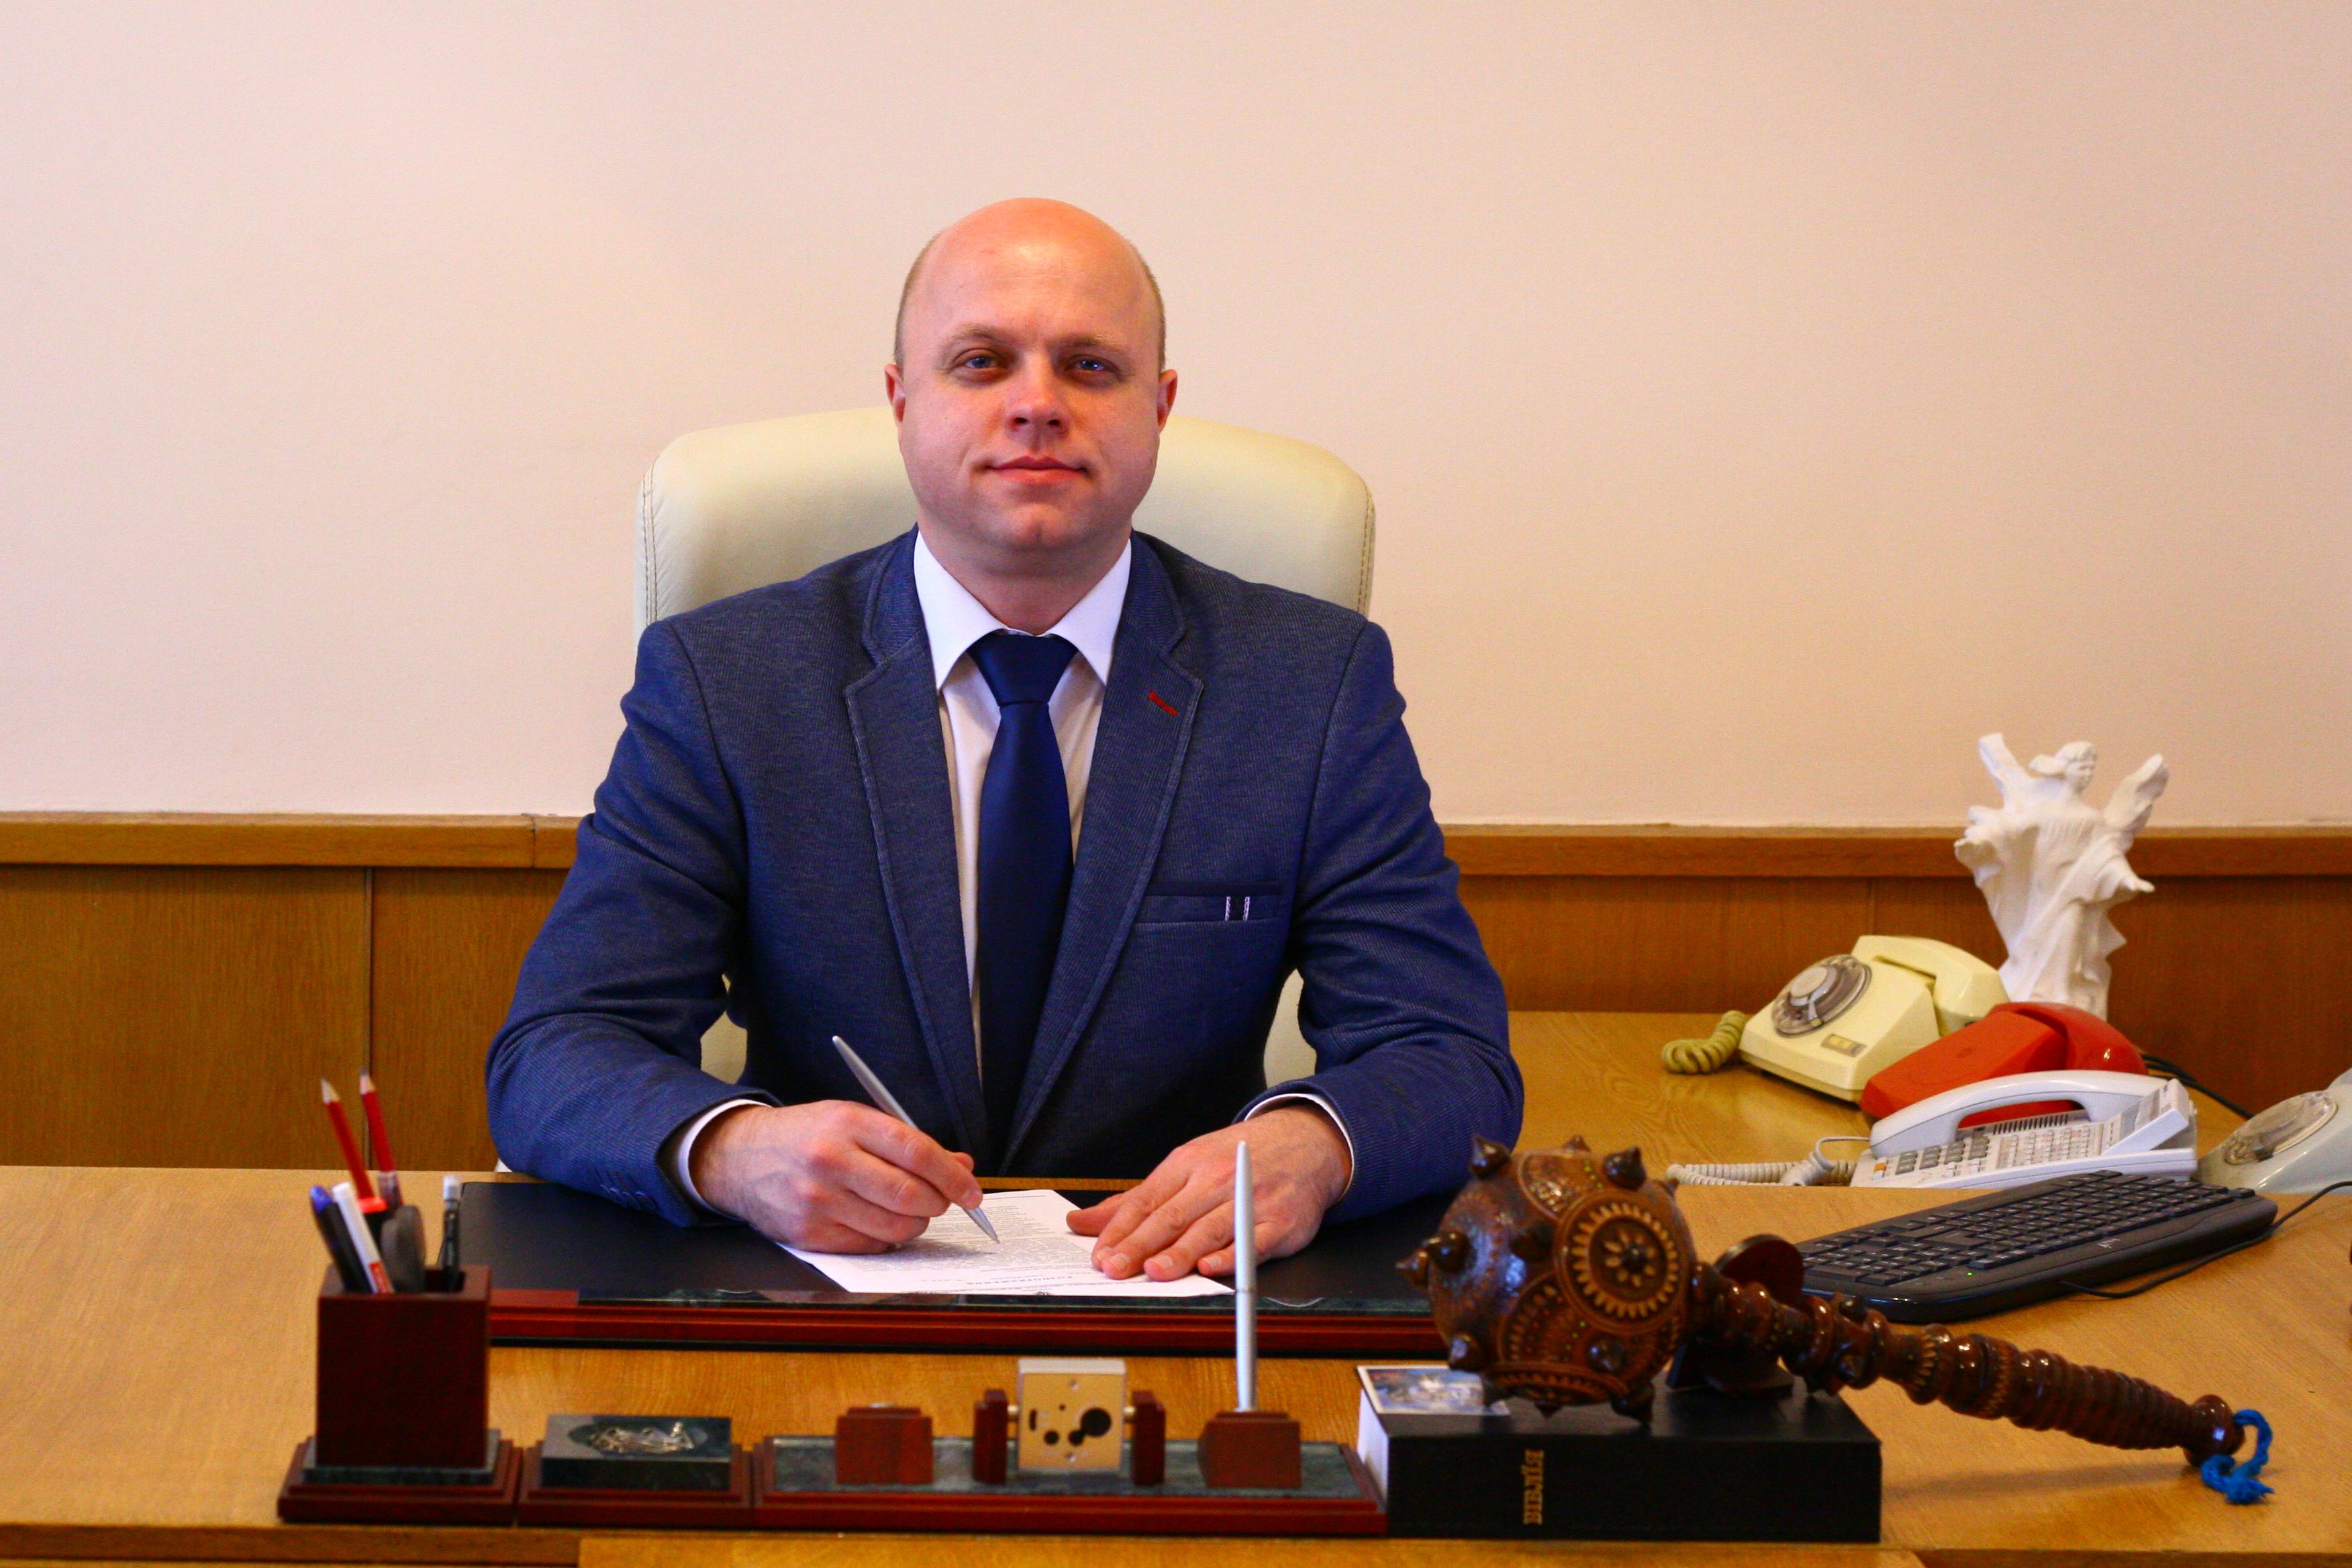 Руслан Панасюк: «Реформи не можна залишати на півдороги. Прикарпатці чекають подальших якісних змін»